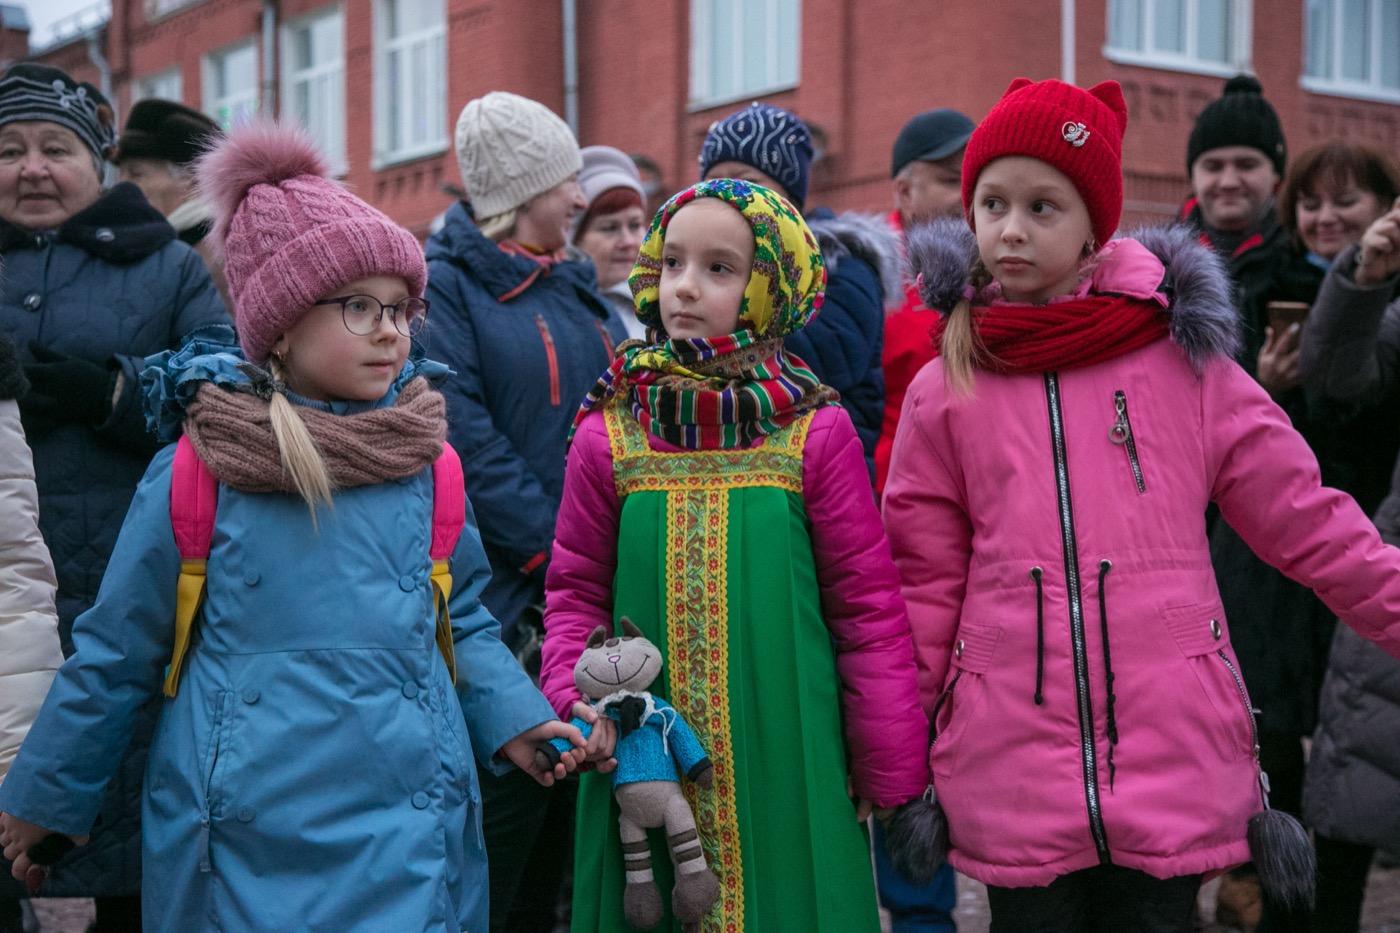 Новости Коломны   Массовое рождественское гуляние прошло в Коломне Фото (Коломна)   iz zhizni kolomnyi